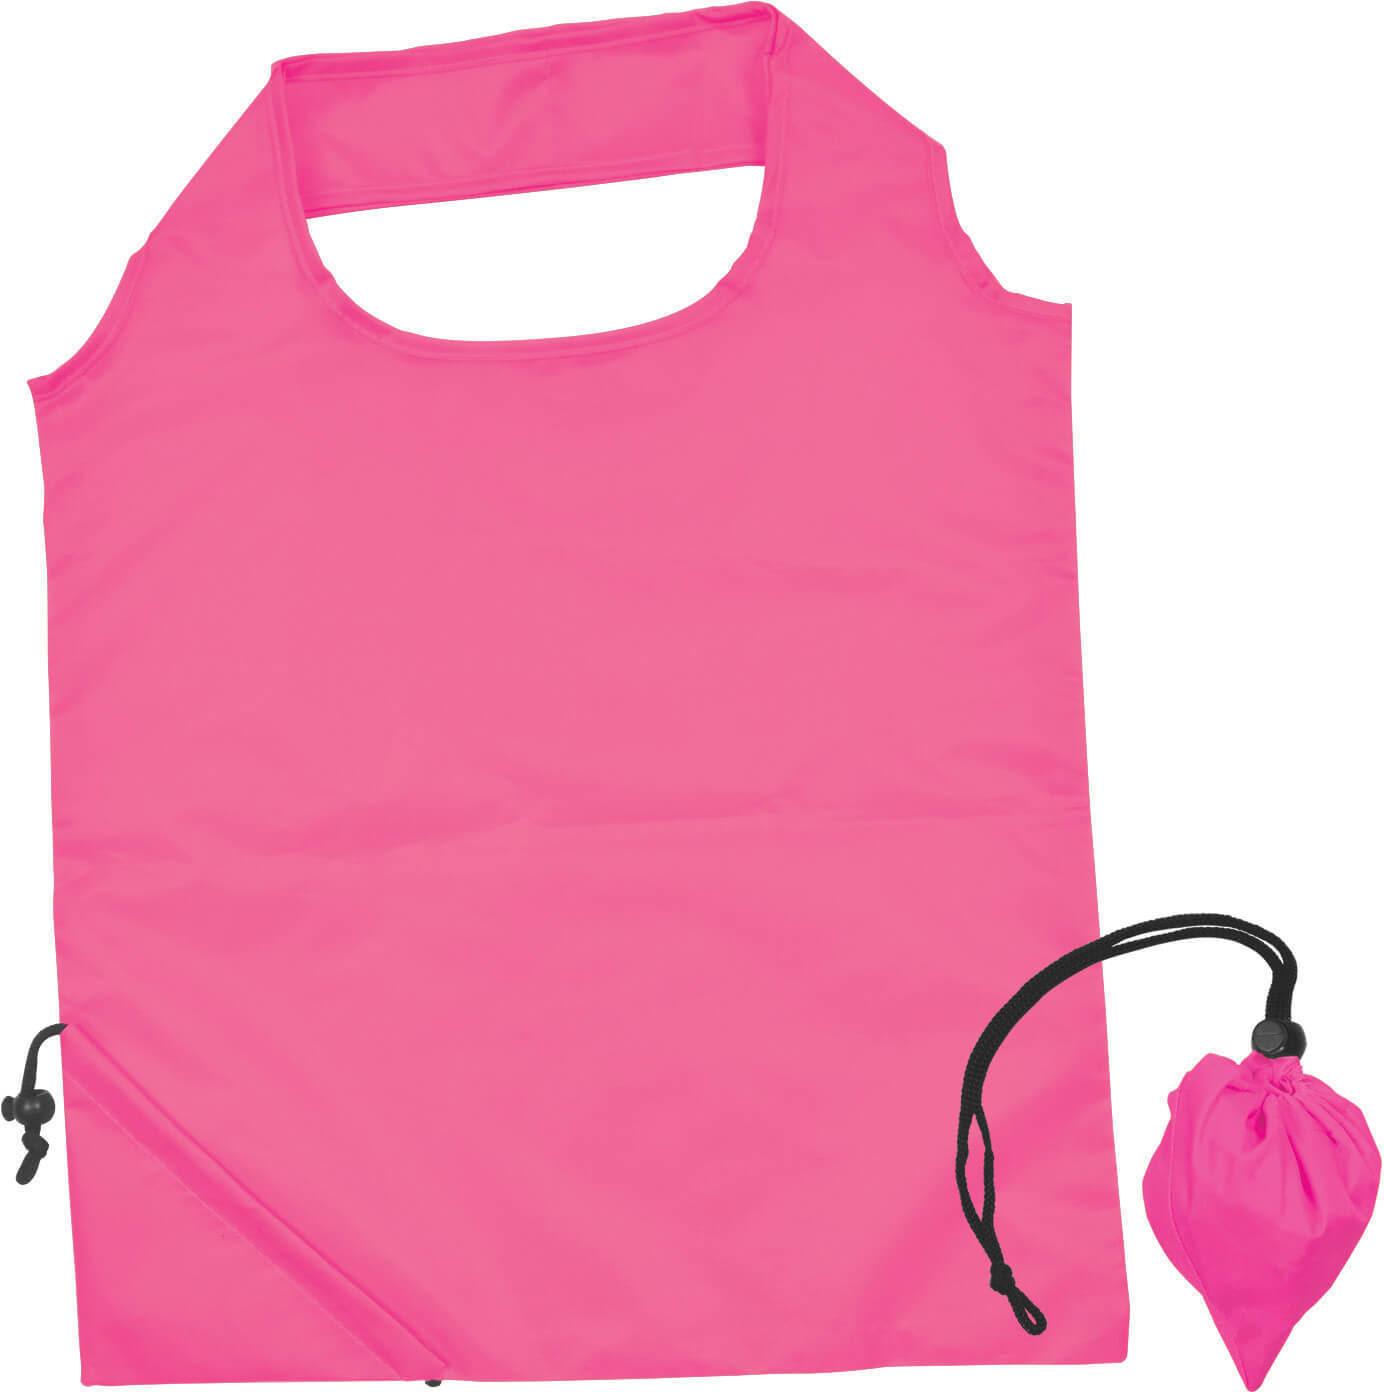 Pink Folding Polyester Shopping Bag